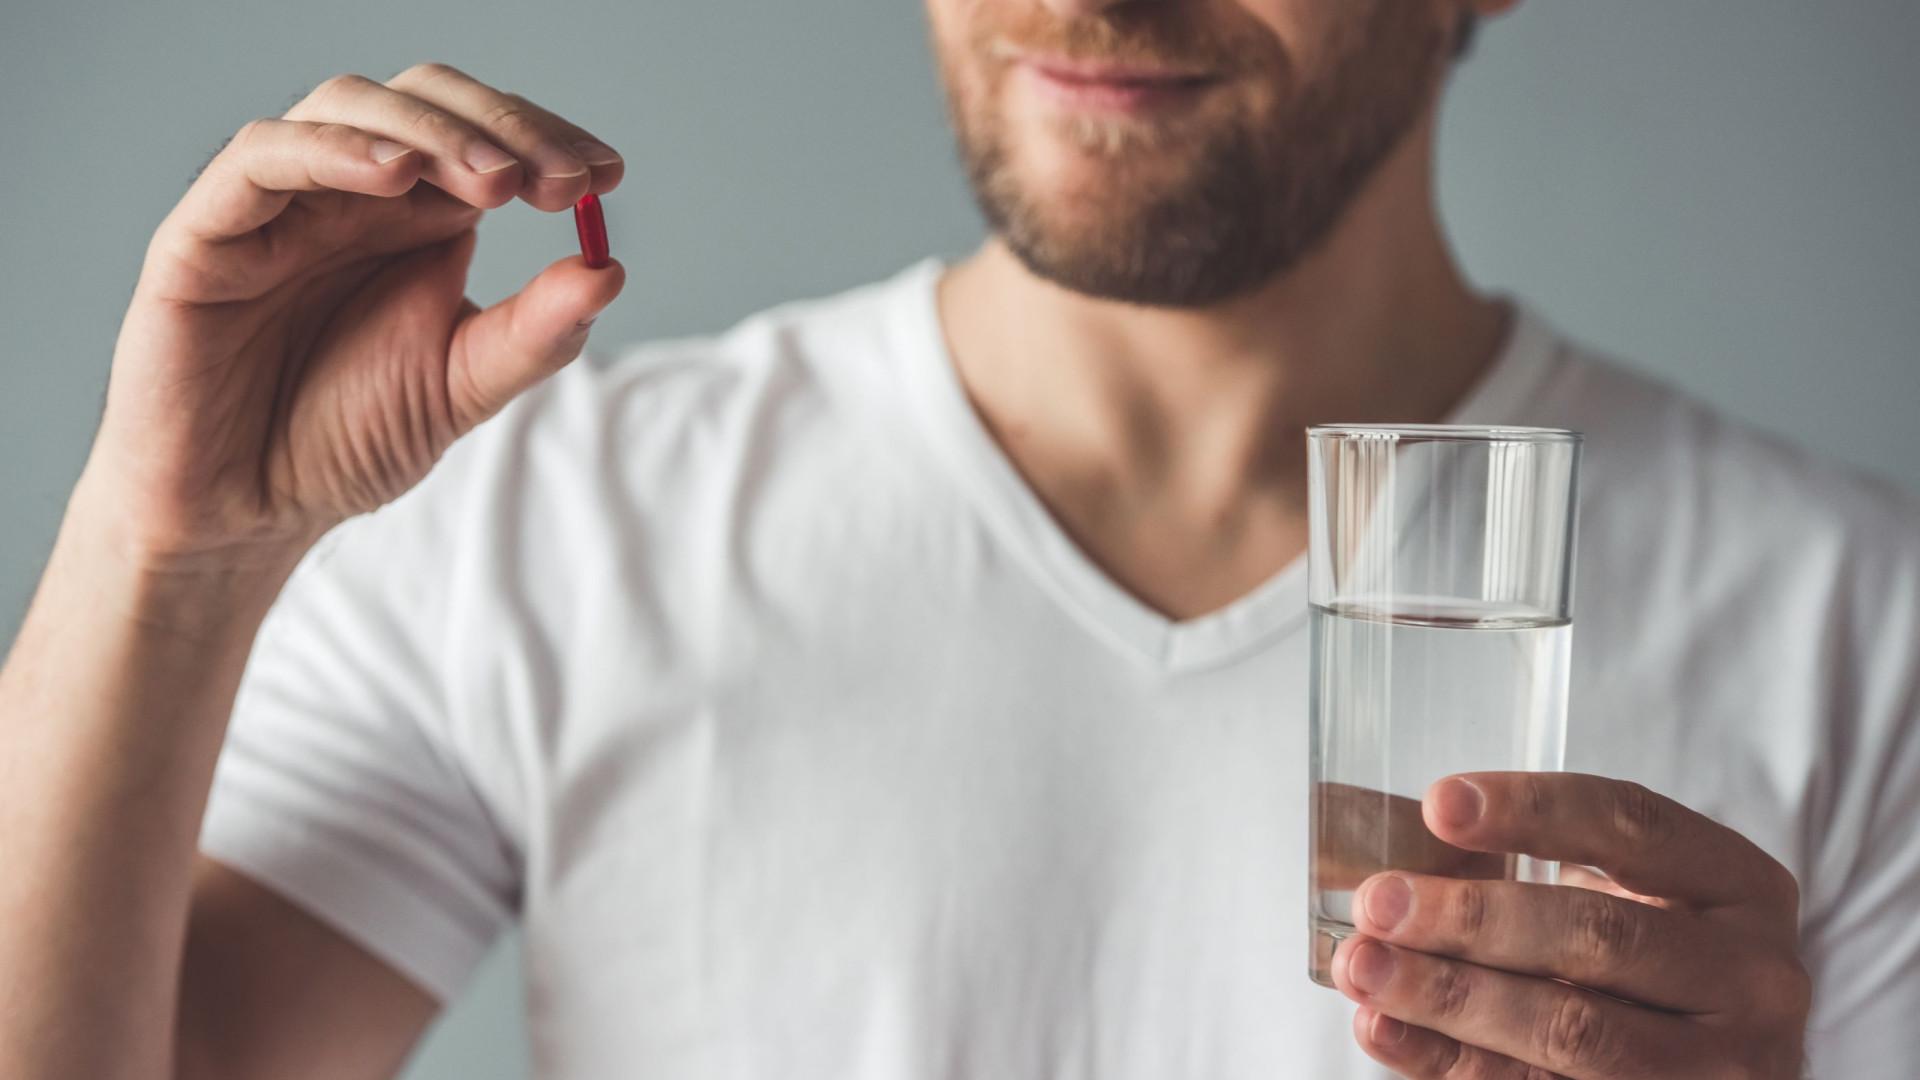 Vitaminas não reduzem risco de enfartes e podem até ser prejudiciais